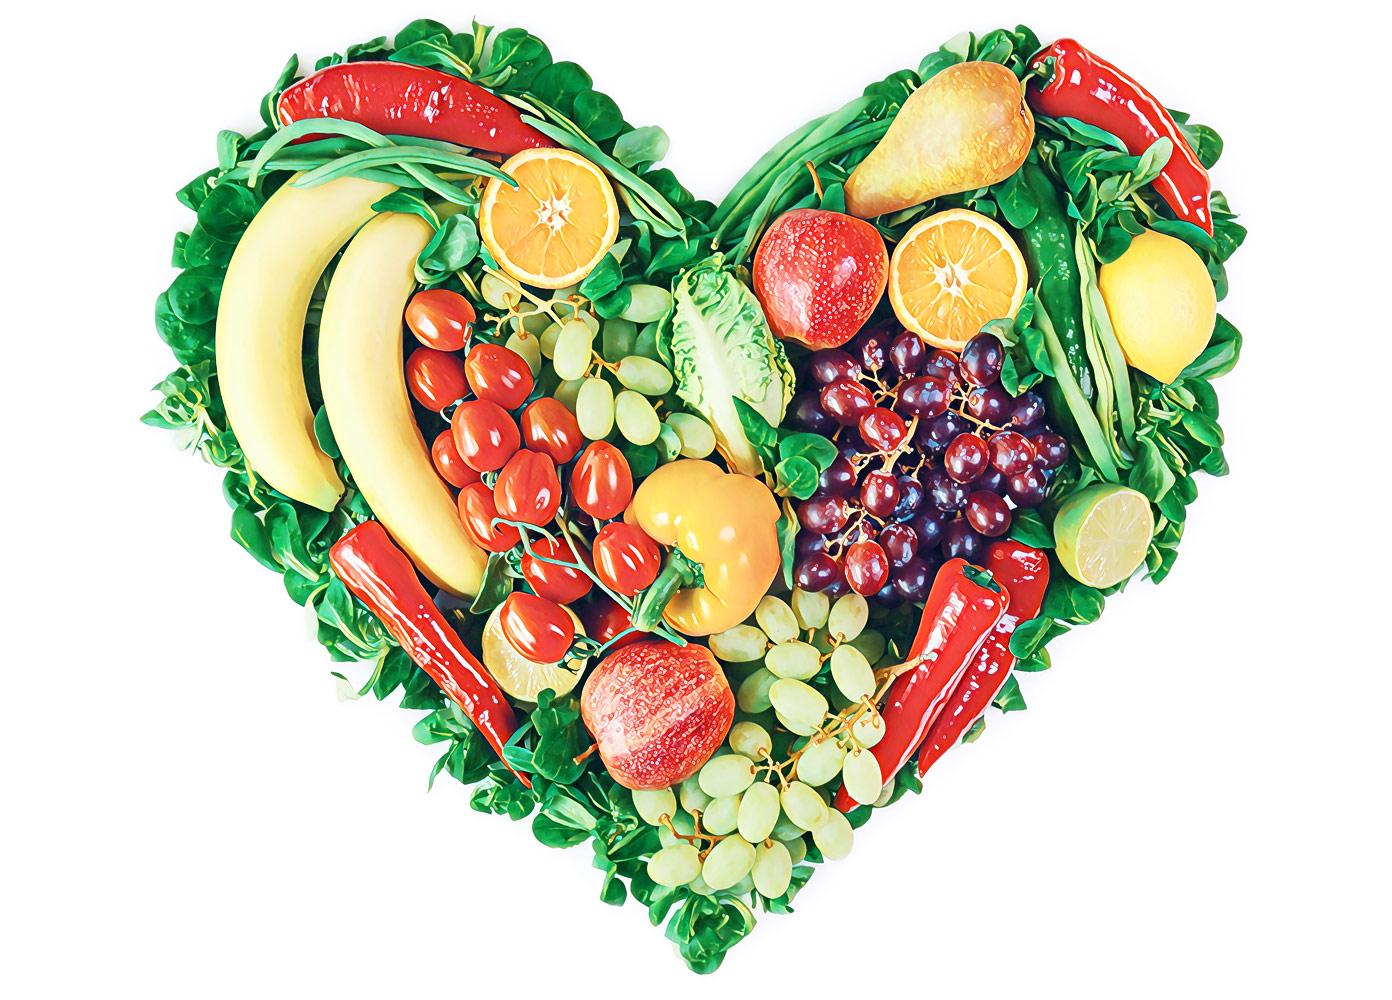 Как успокоить нервы без таблеток: здоровая пища для хорошего настроения